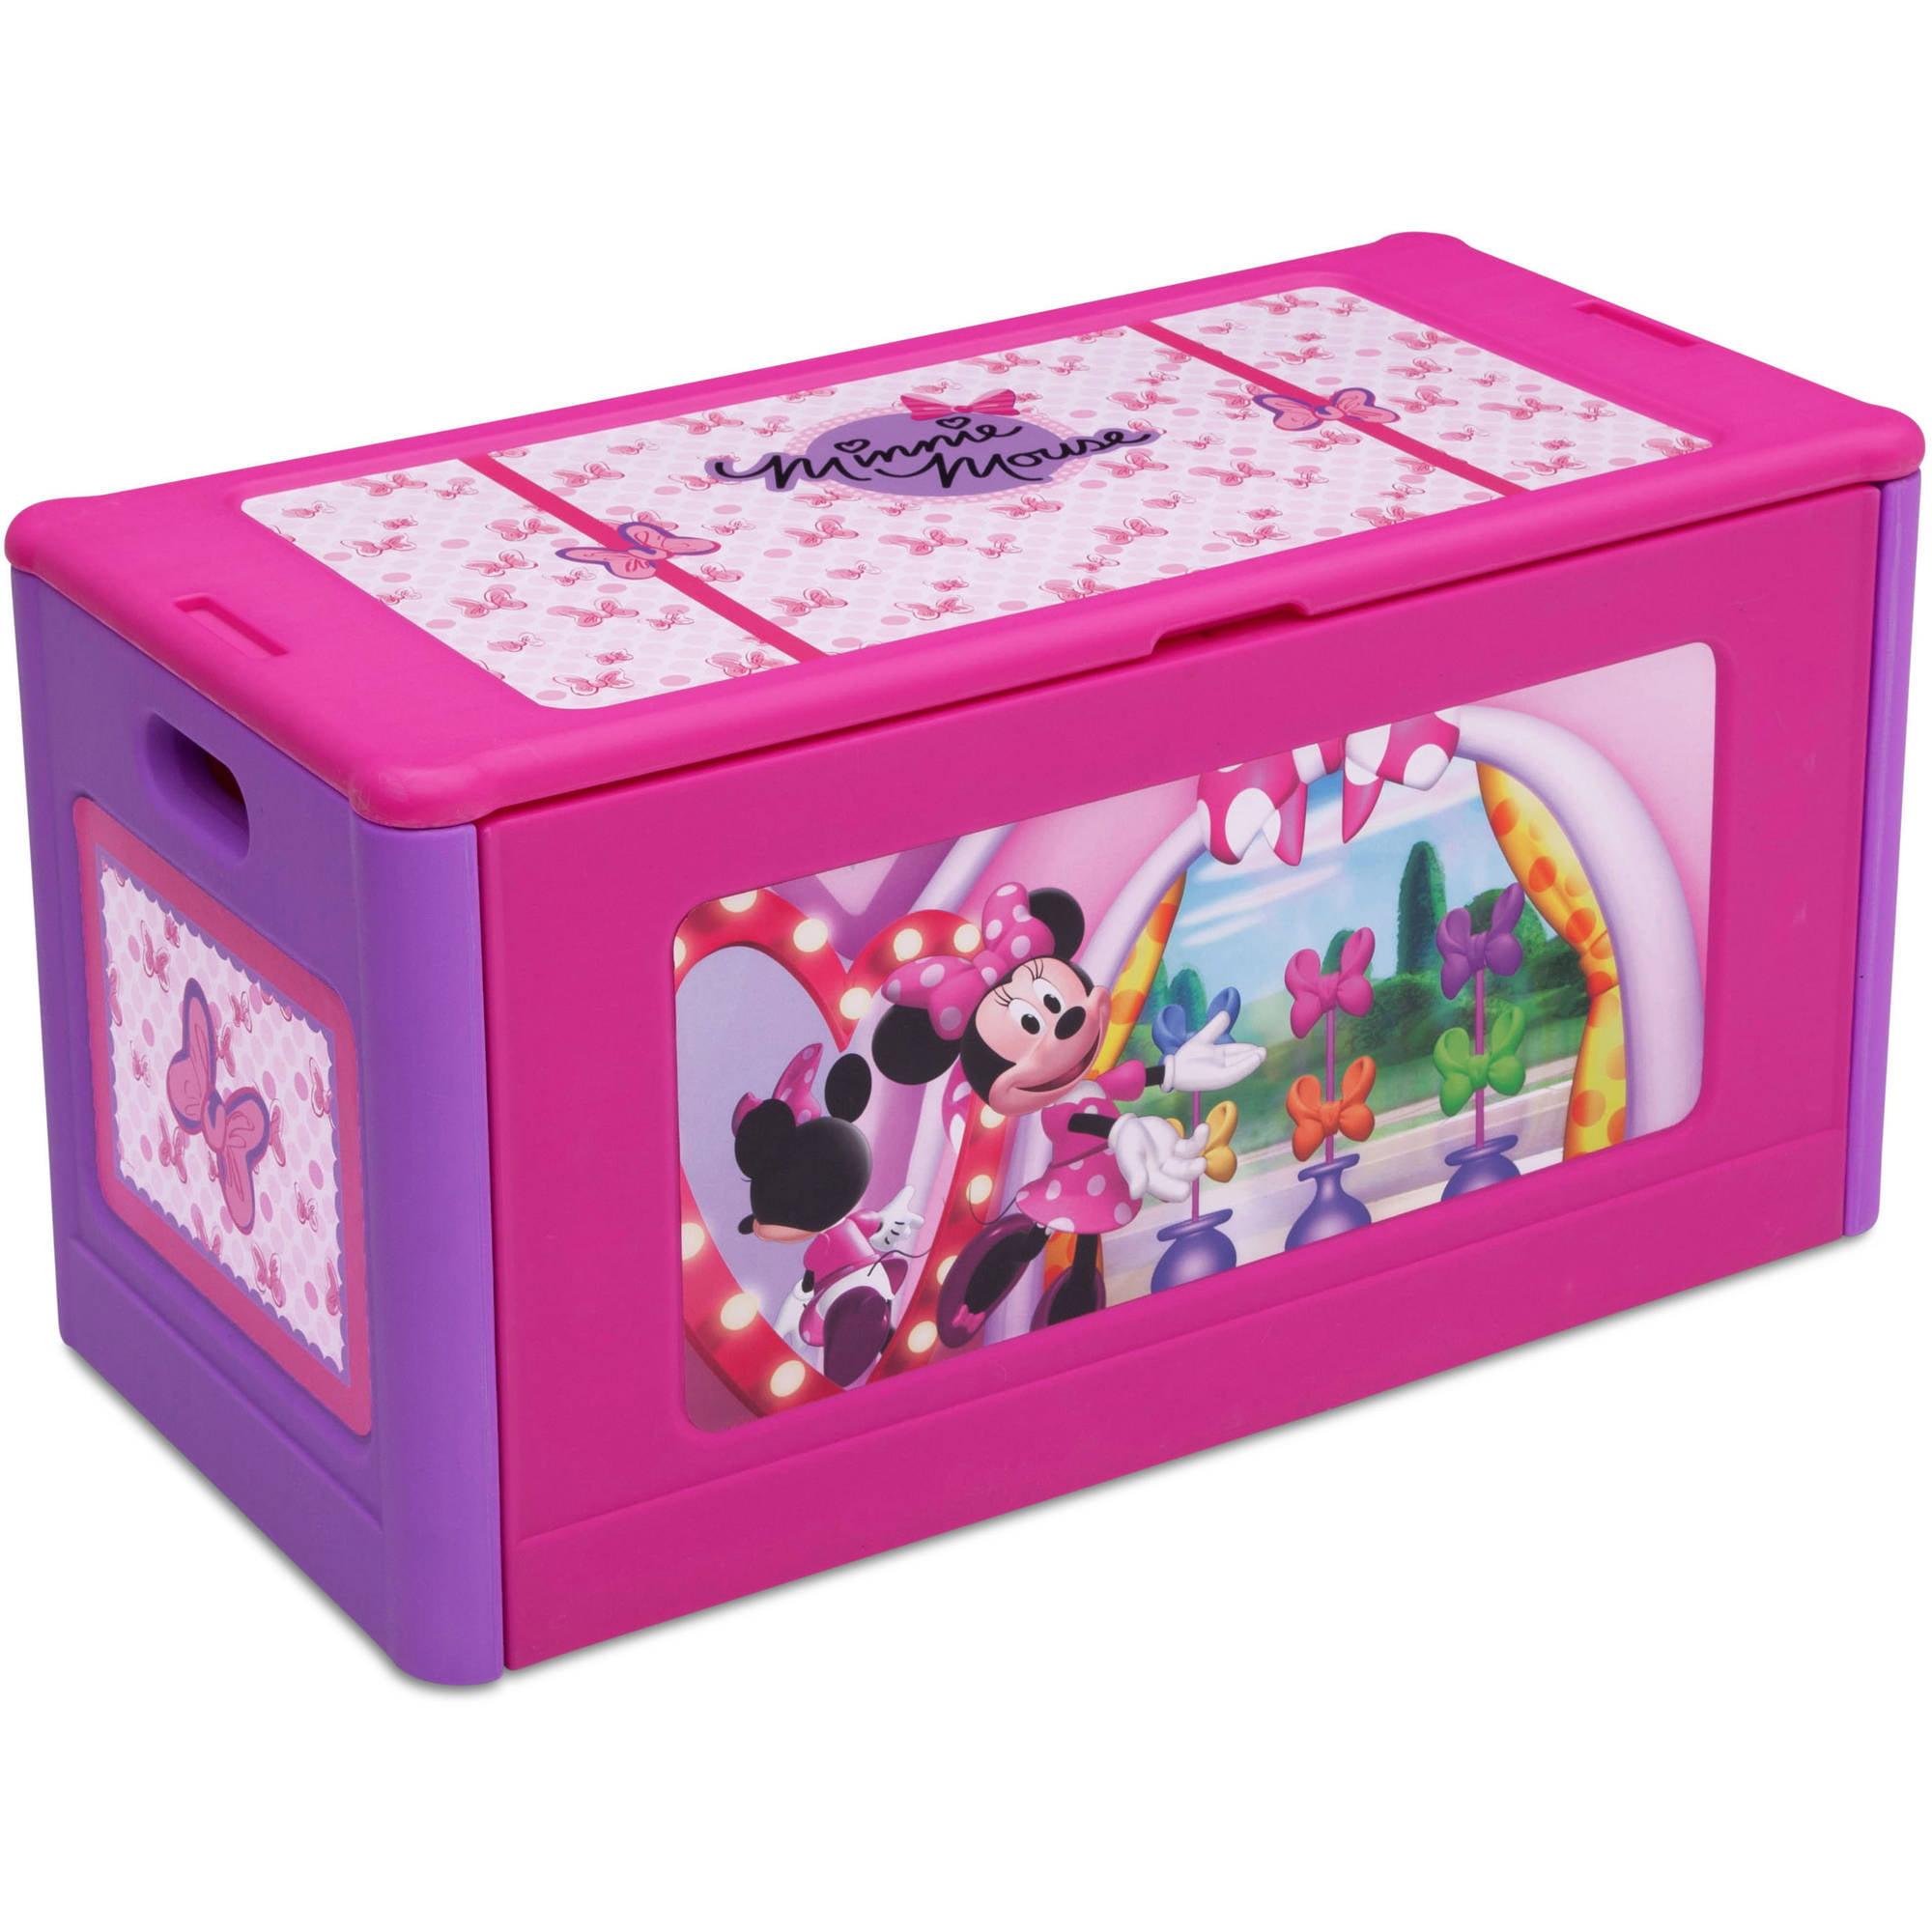 Disney Minnie Mouse Store & Organize Plastic Toy Box by Delta Children by Delta Children